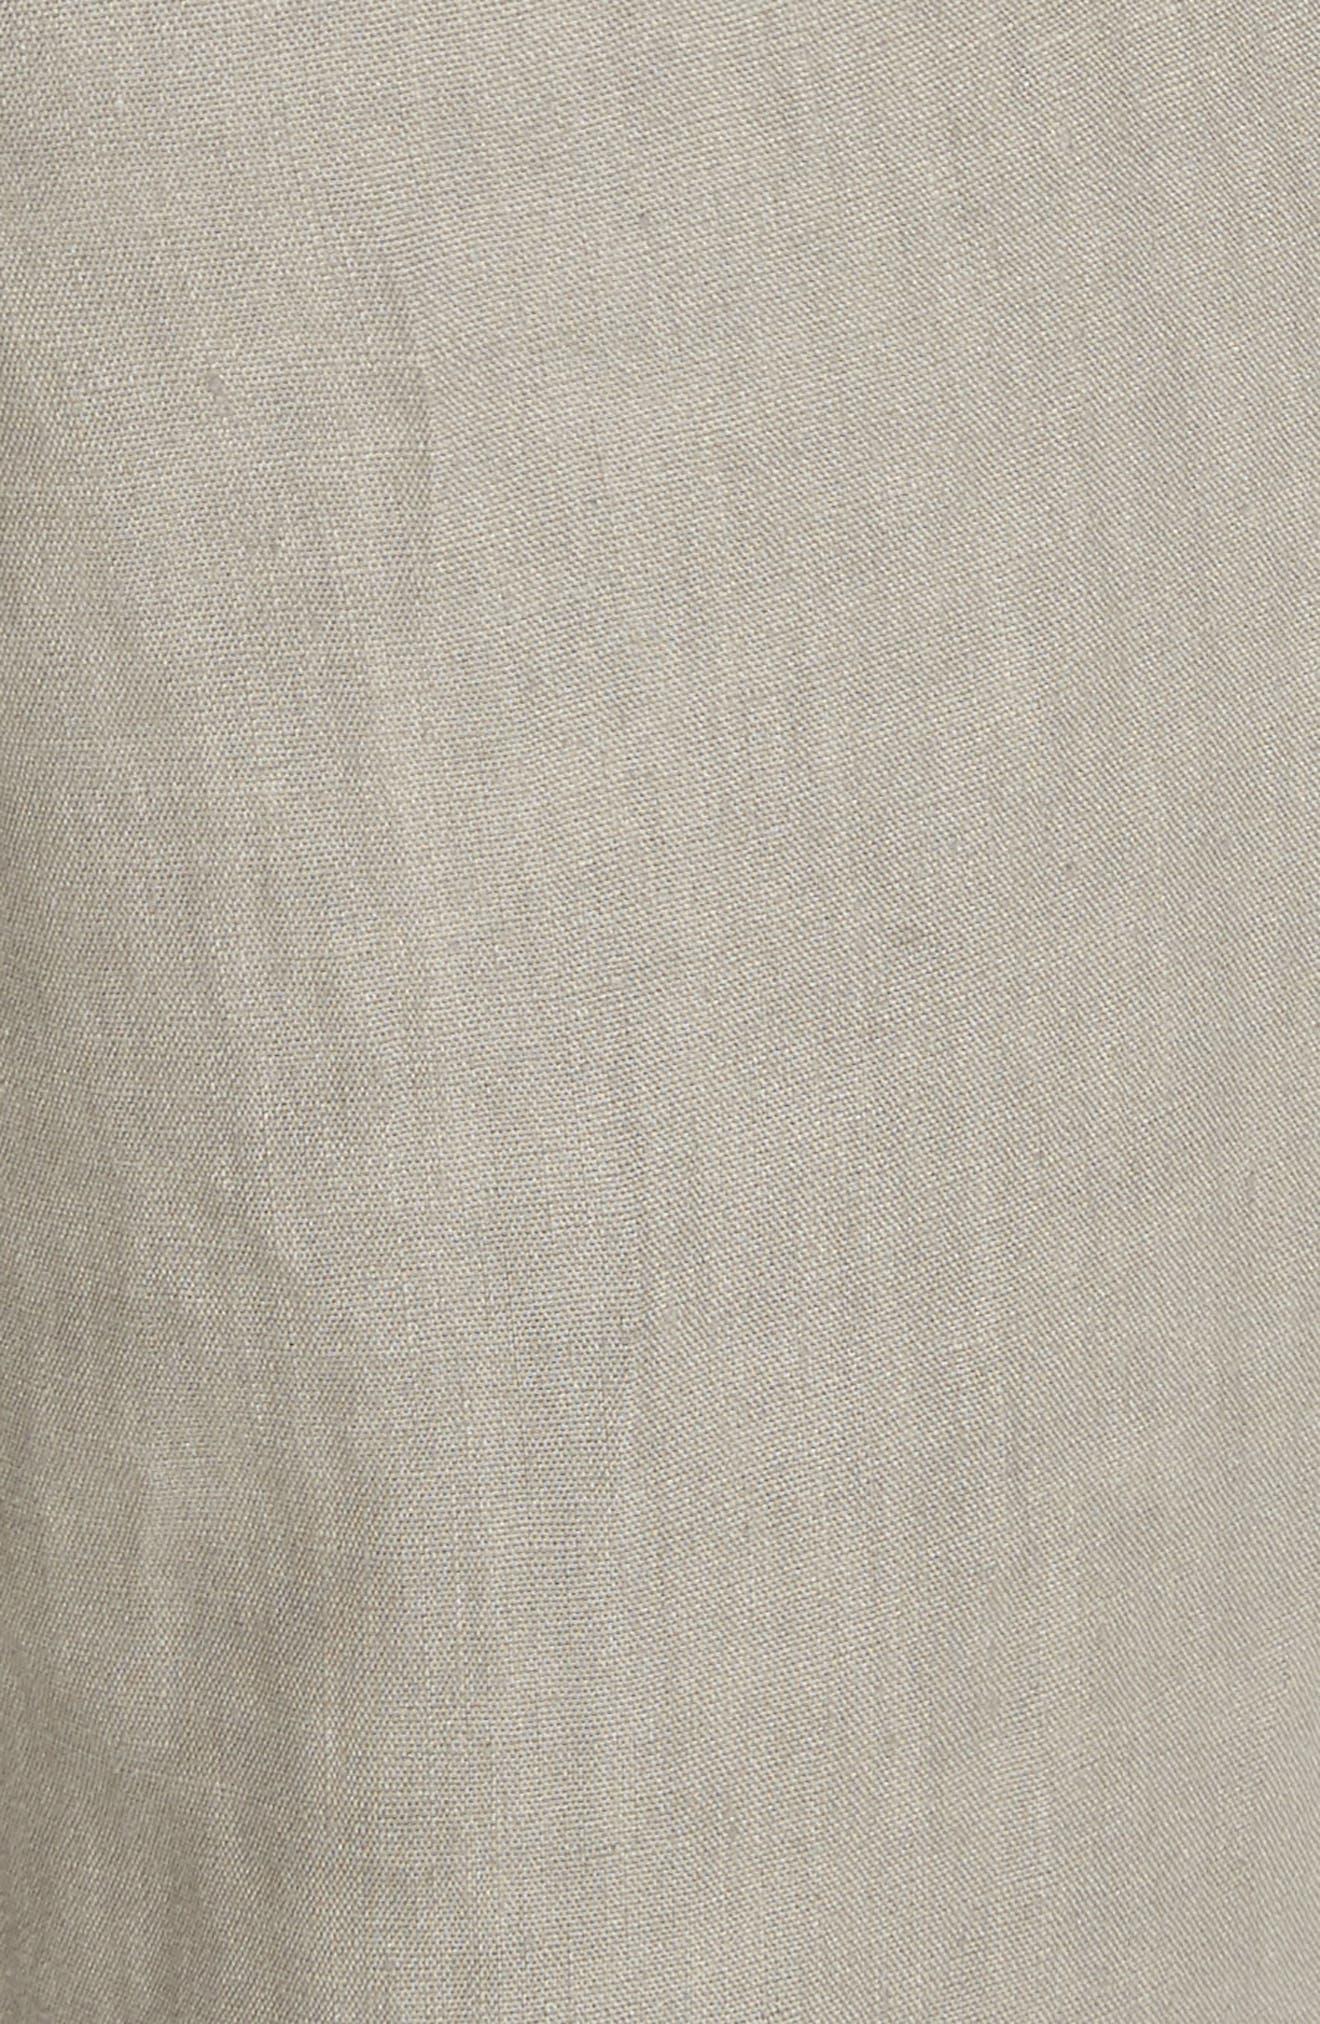 Fulton Linen Crop Pants,                             Alternate thumbnail 5, color,